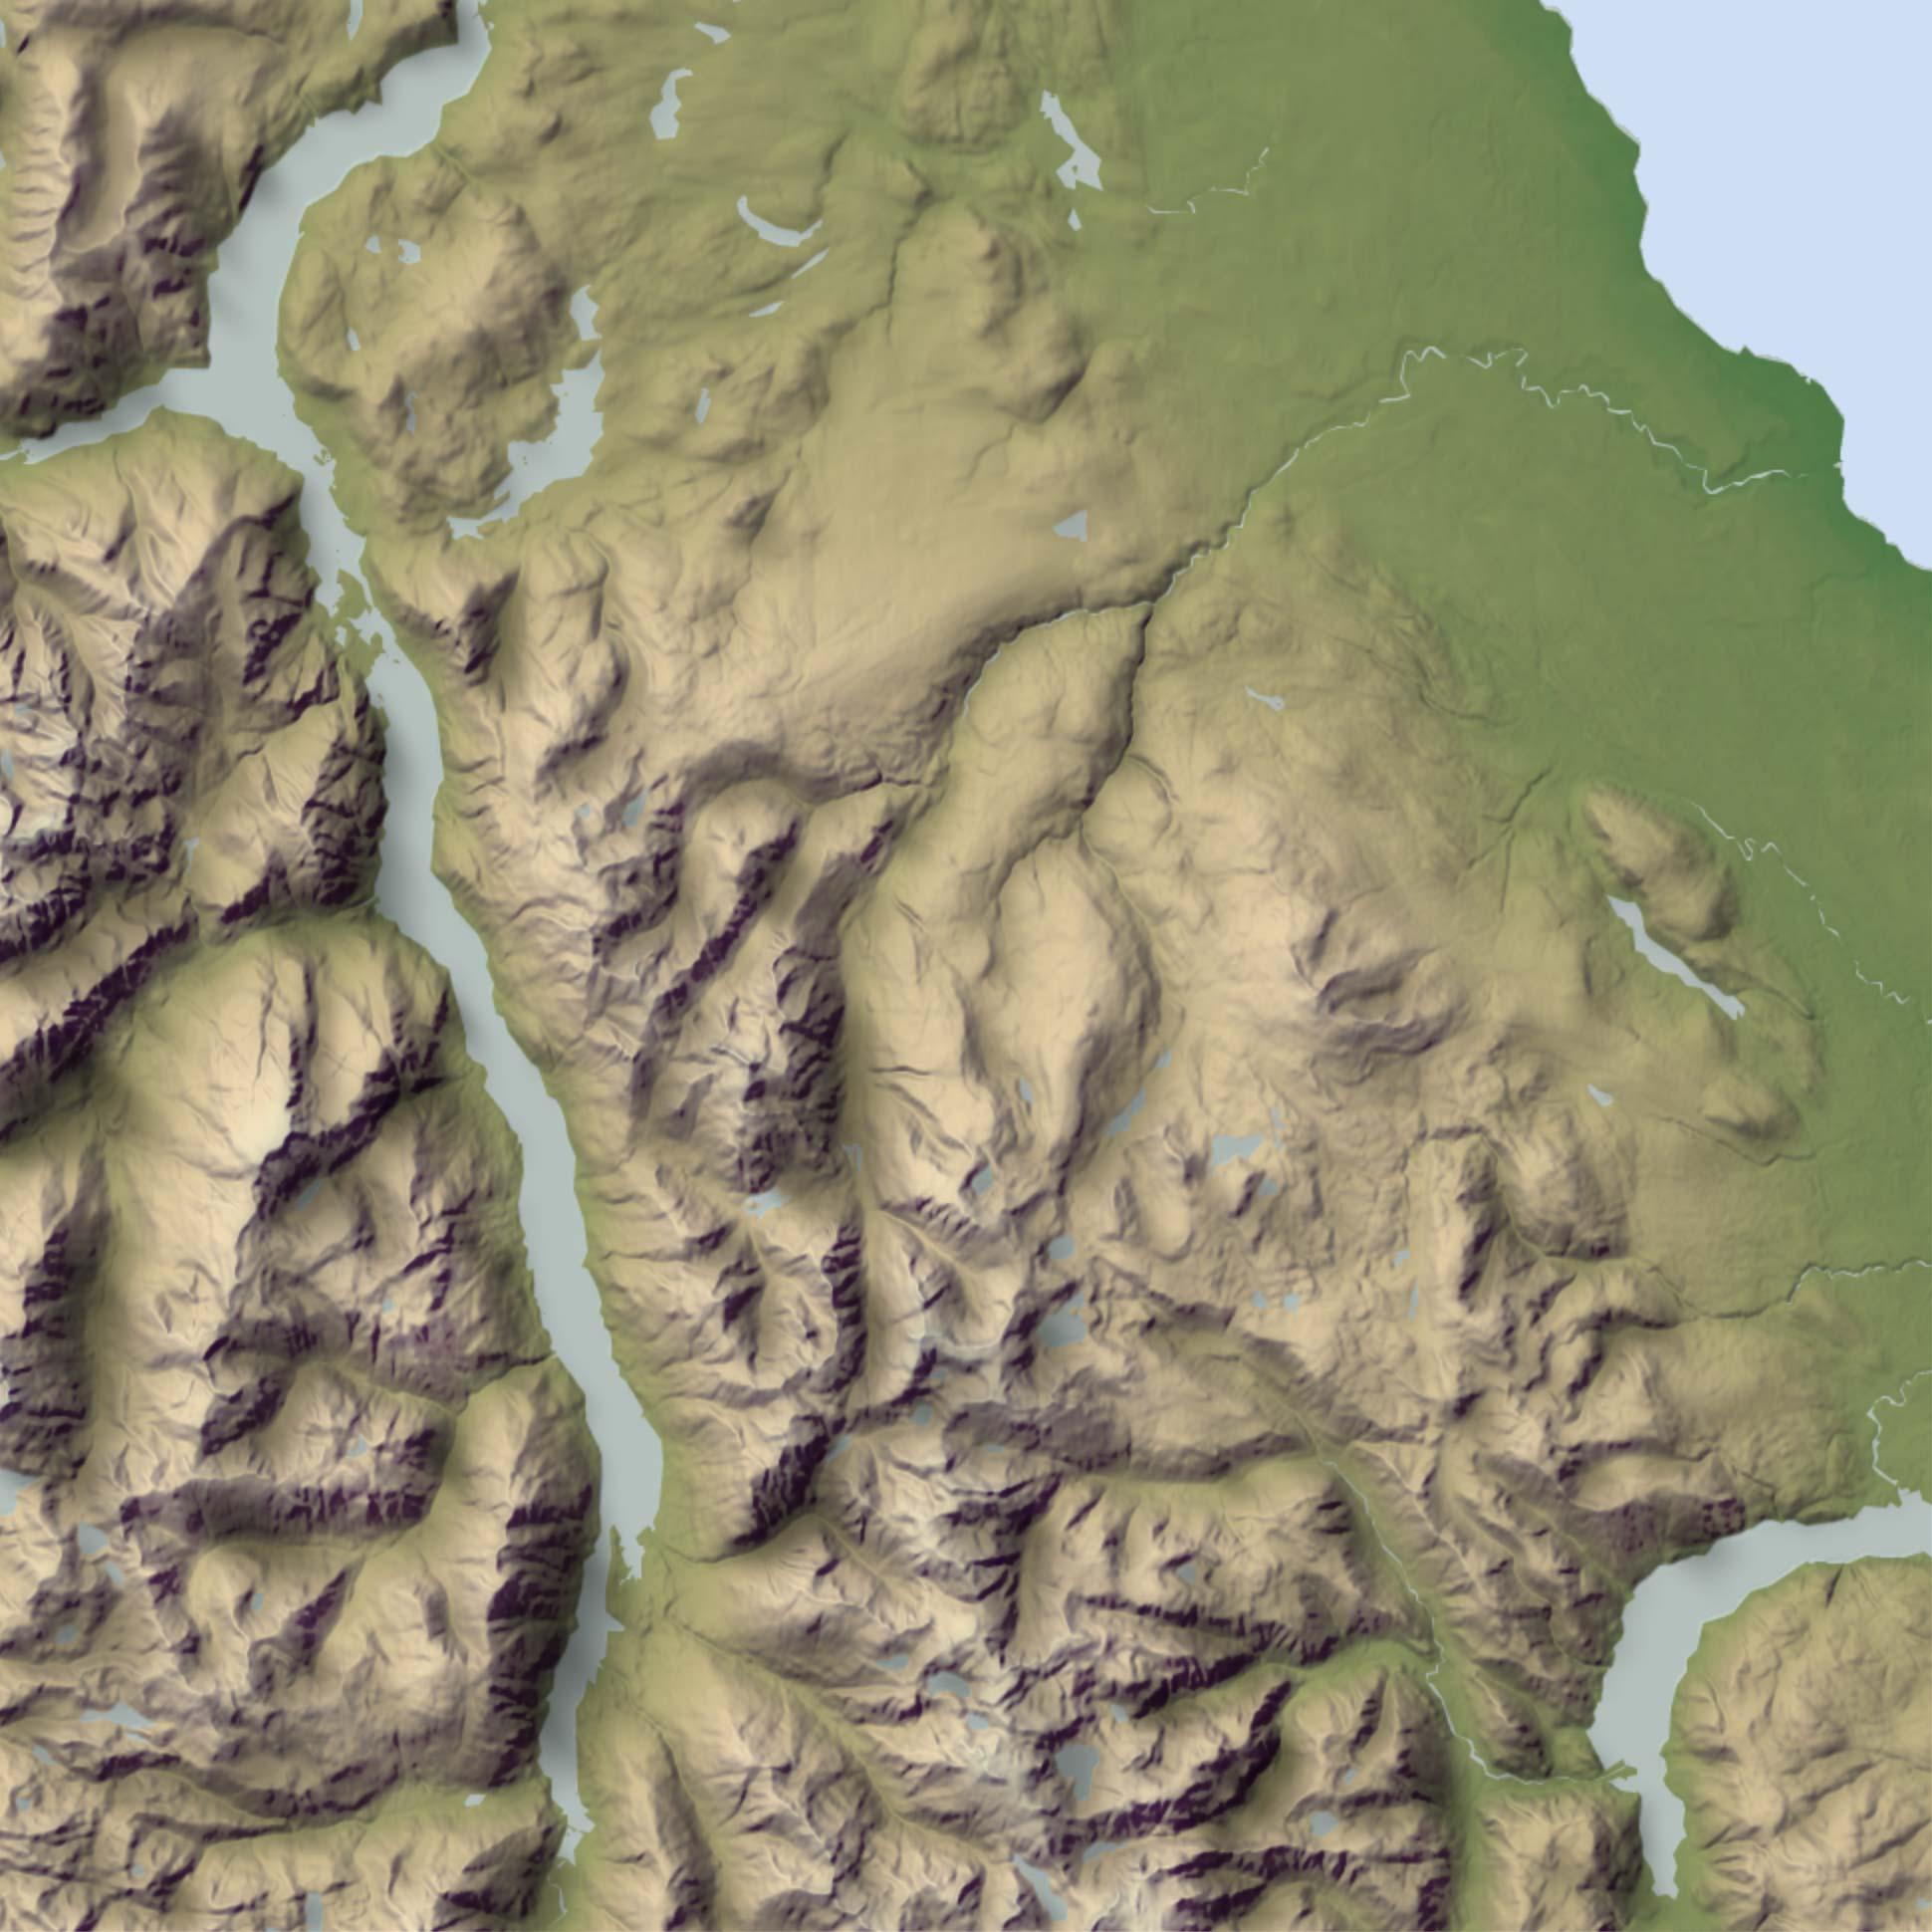 Strathcona Provincial Park's Buttle Lake Hillshade